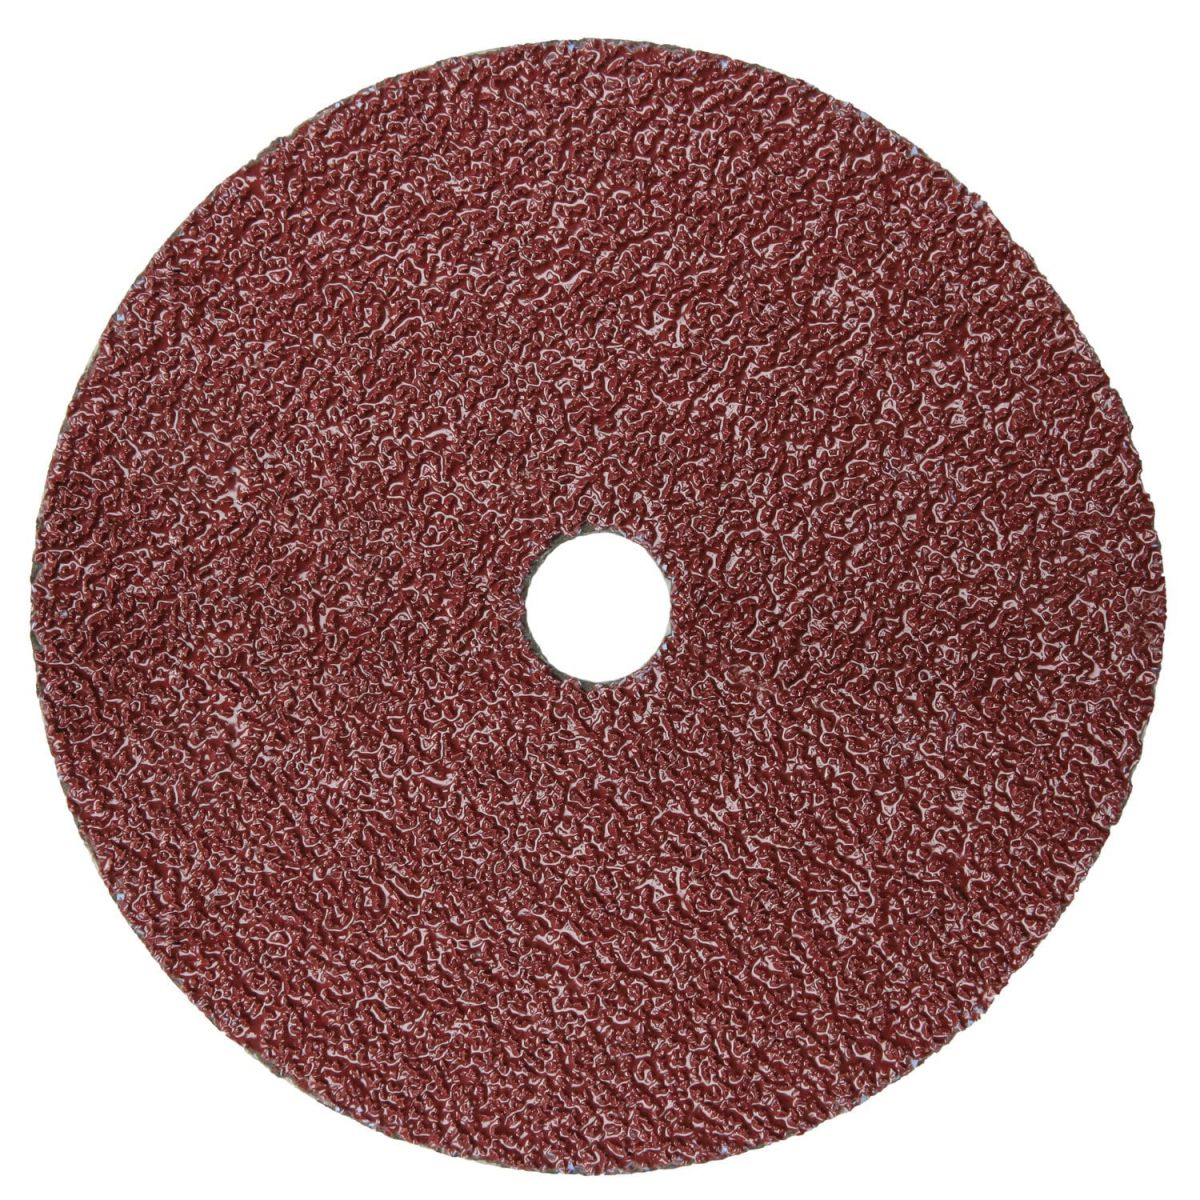 3m cubitron ii fiber schuurschijf 982c 125 mm p36 voor staal